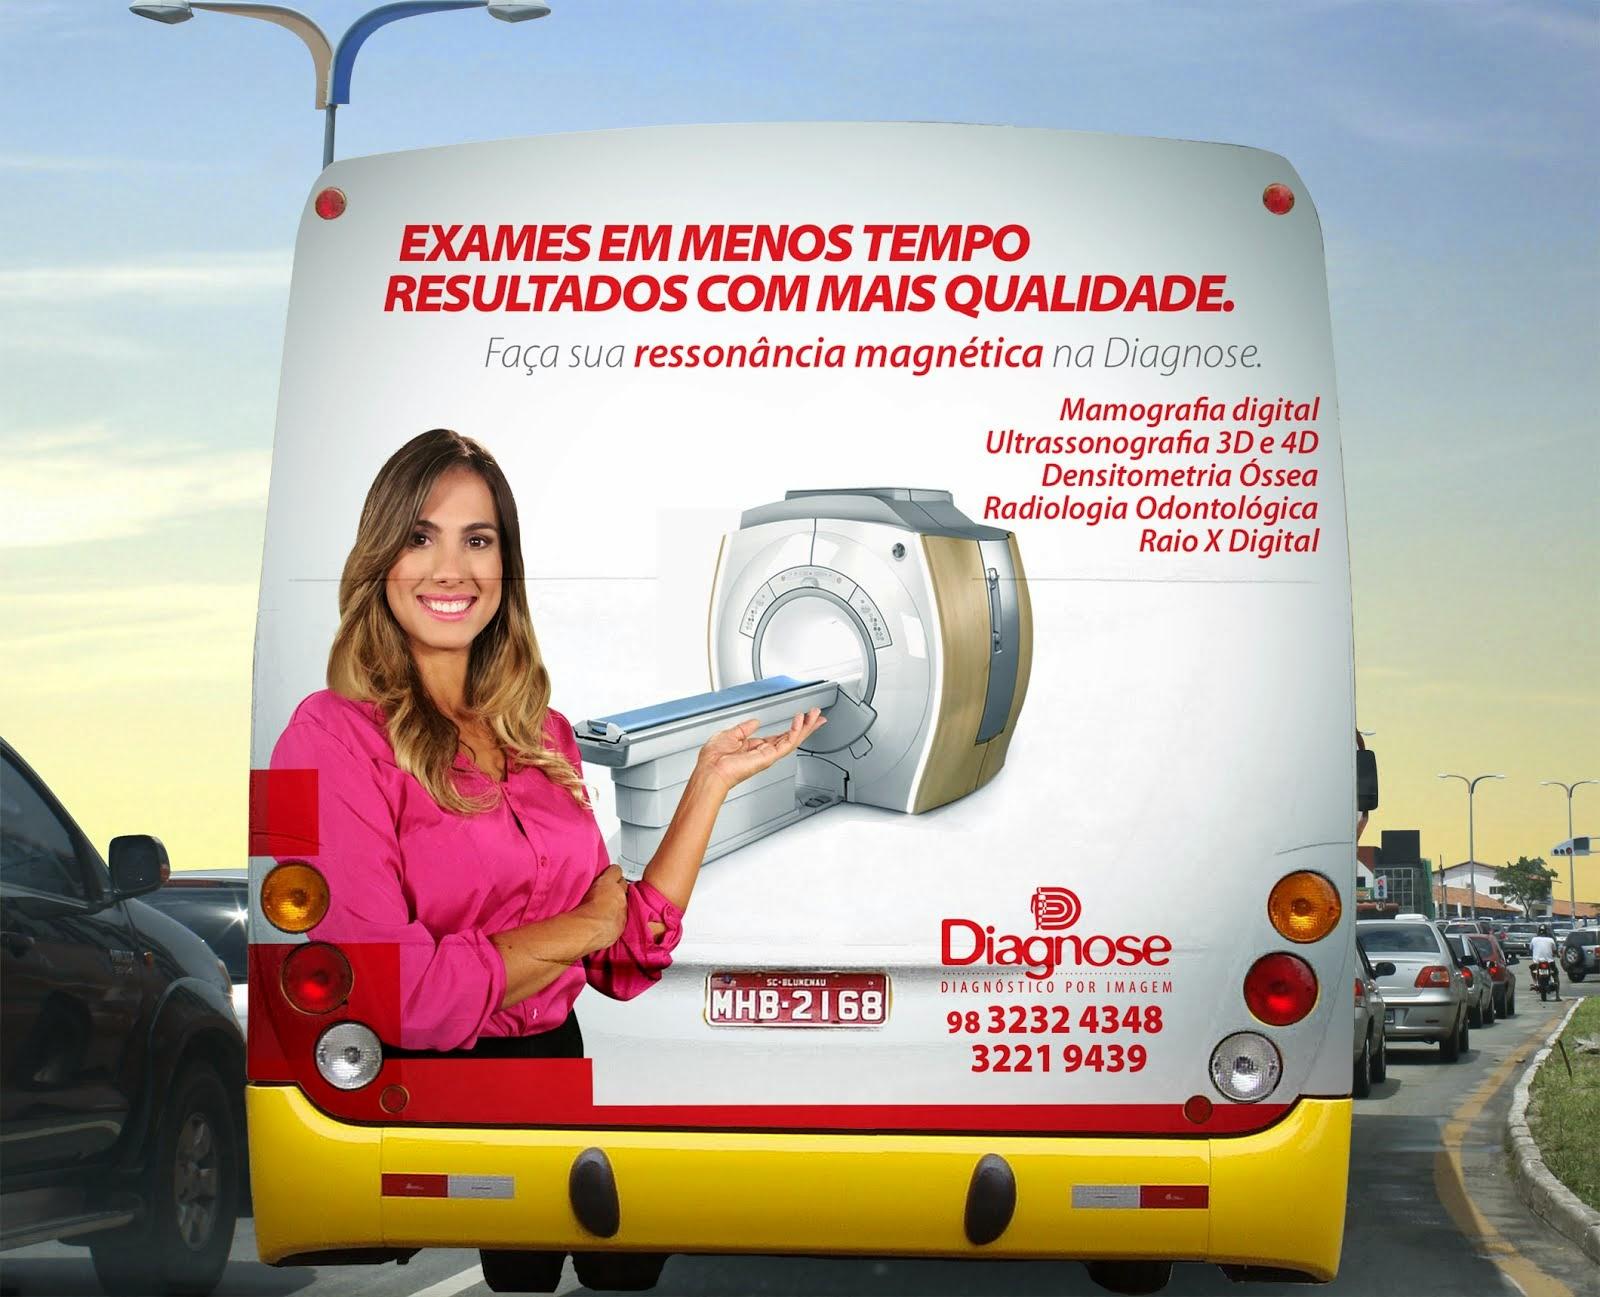 Dr. Otavio Pinho Filho